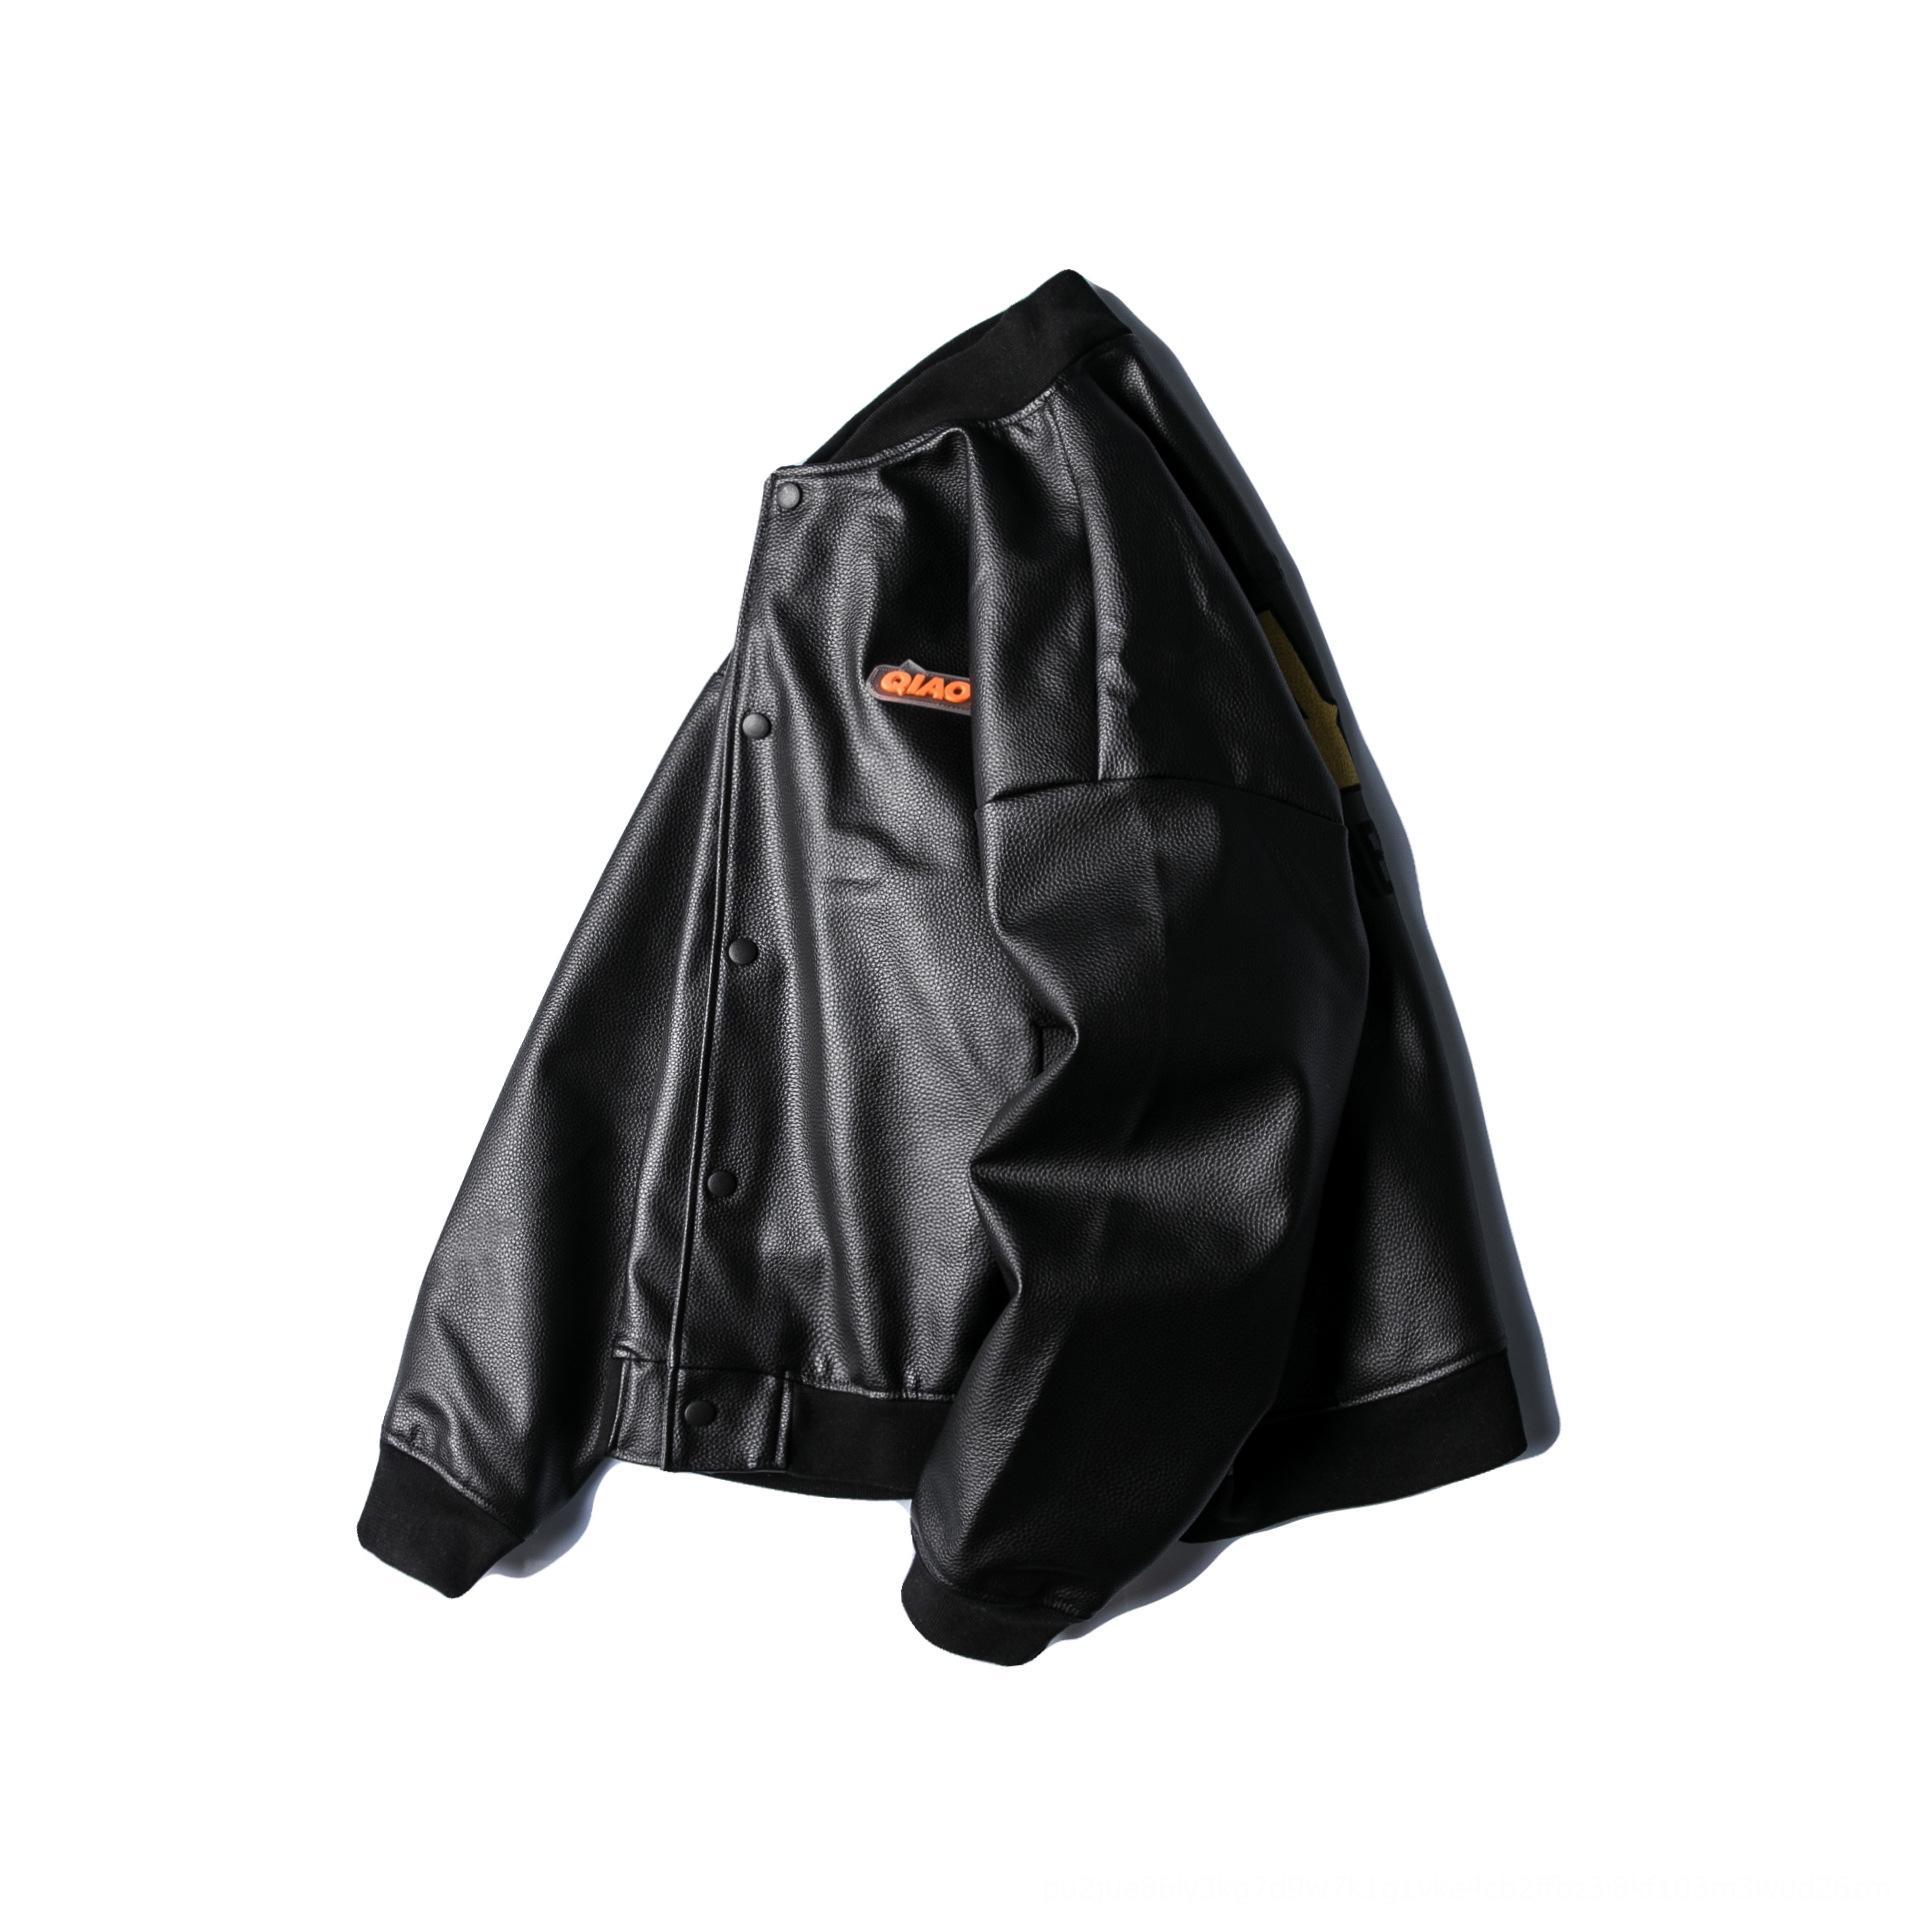 eUpj1 Wuhang Wallet 2020 весной новый модные летные любители сыпучих курток мужских всех-матч кожи молодость вскользь куртка